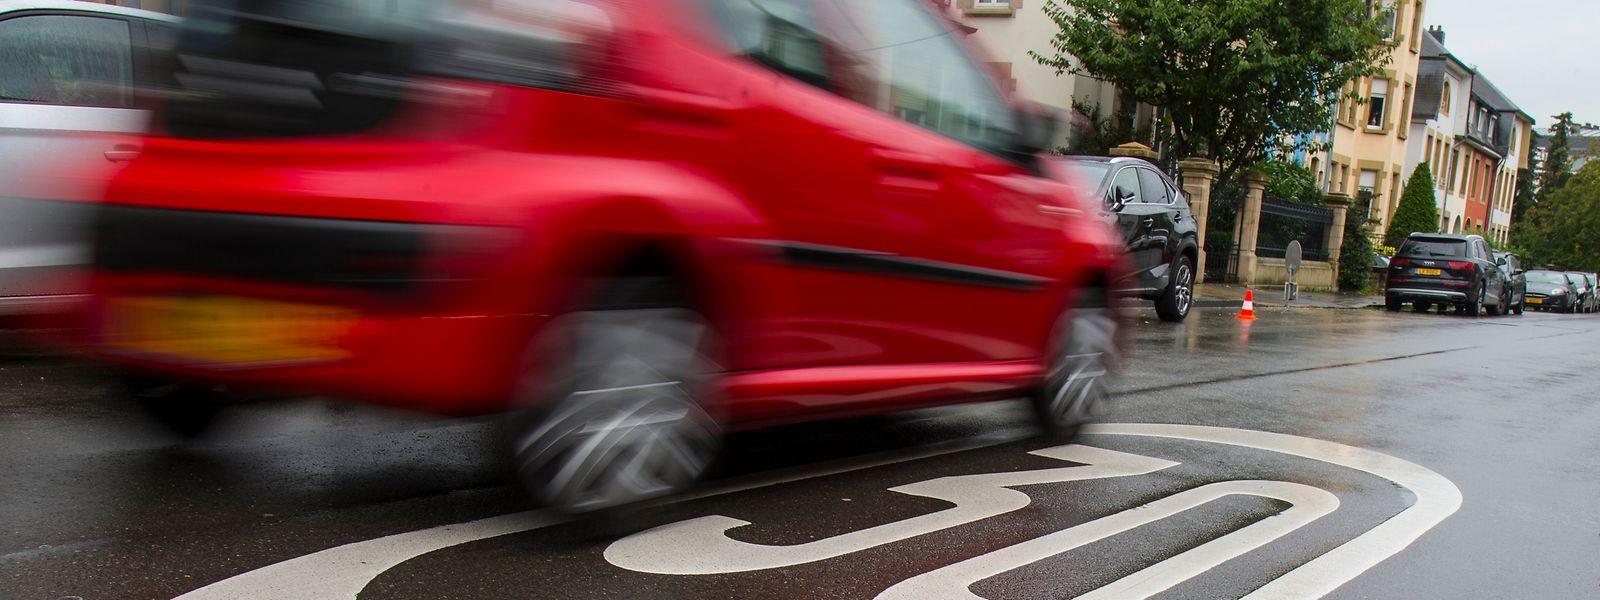 Straßen mit 30er-Limit sind sicherer als Straßen, auf denen maximal 50 km/h erlaubt sind.